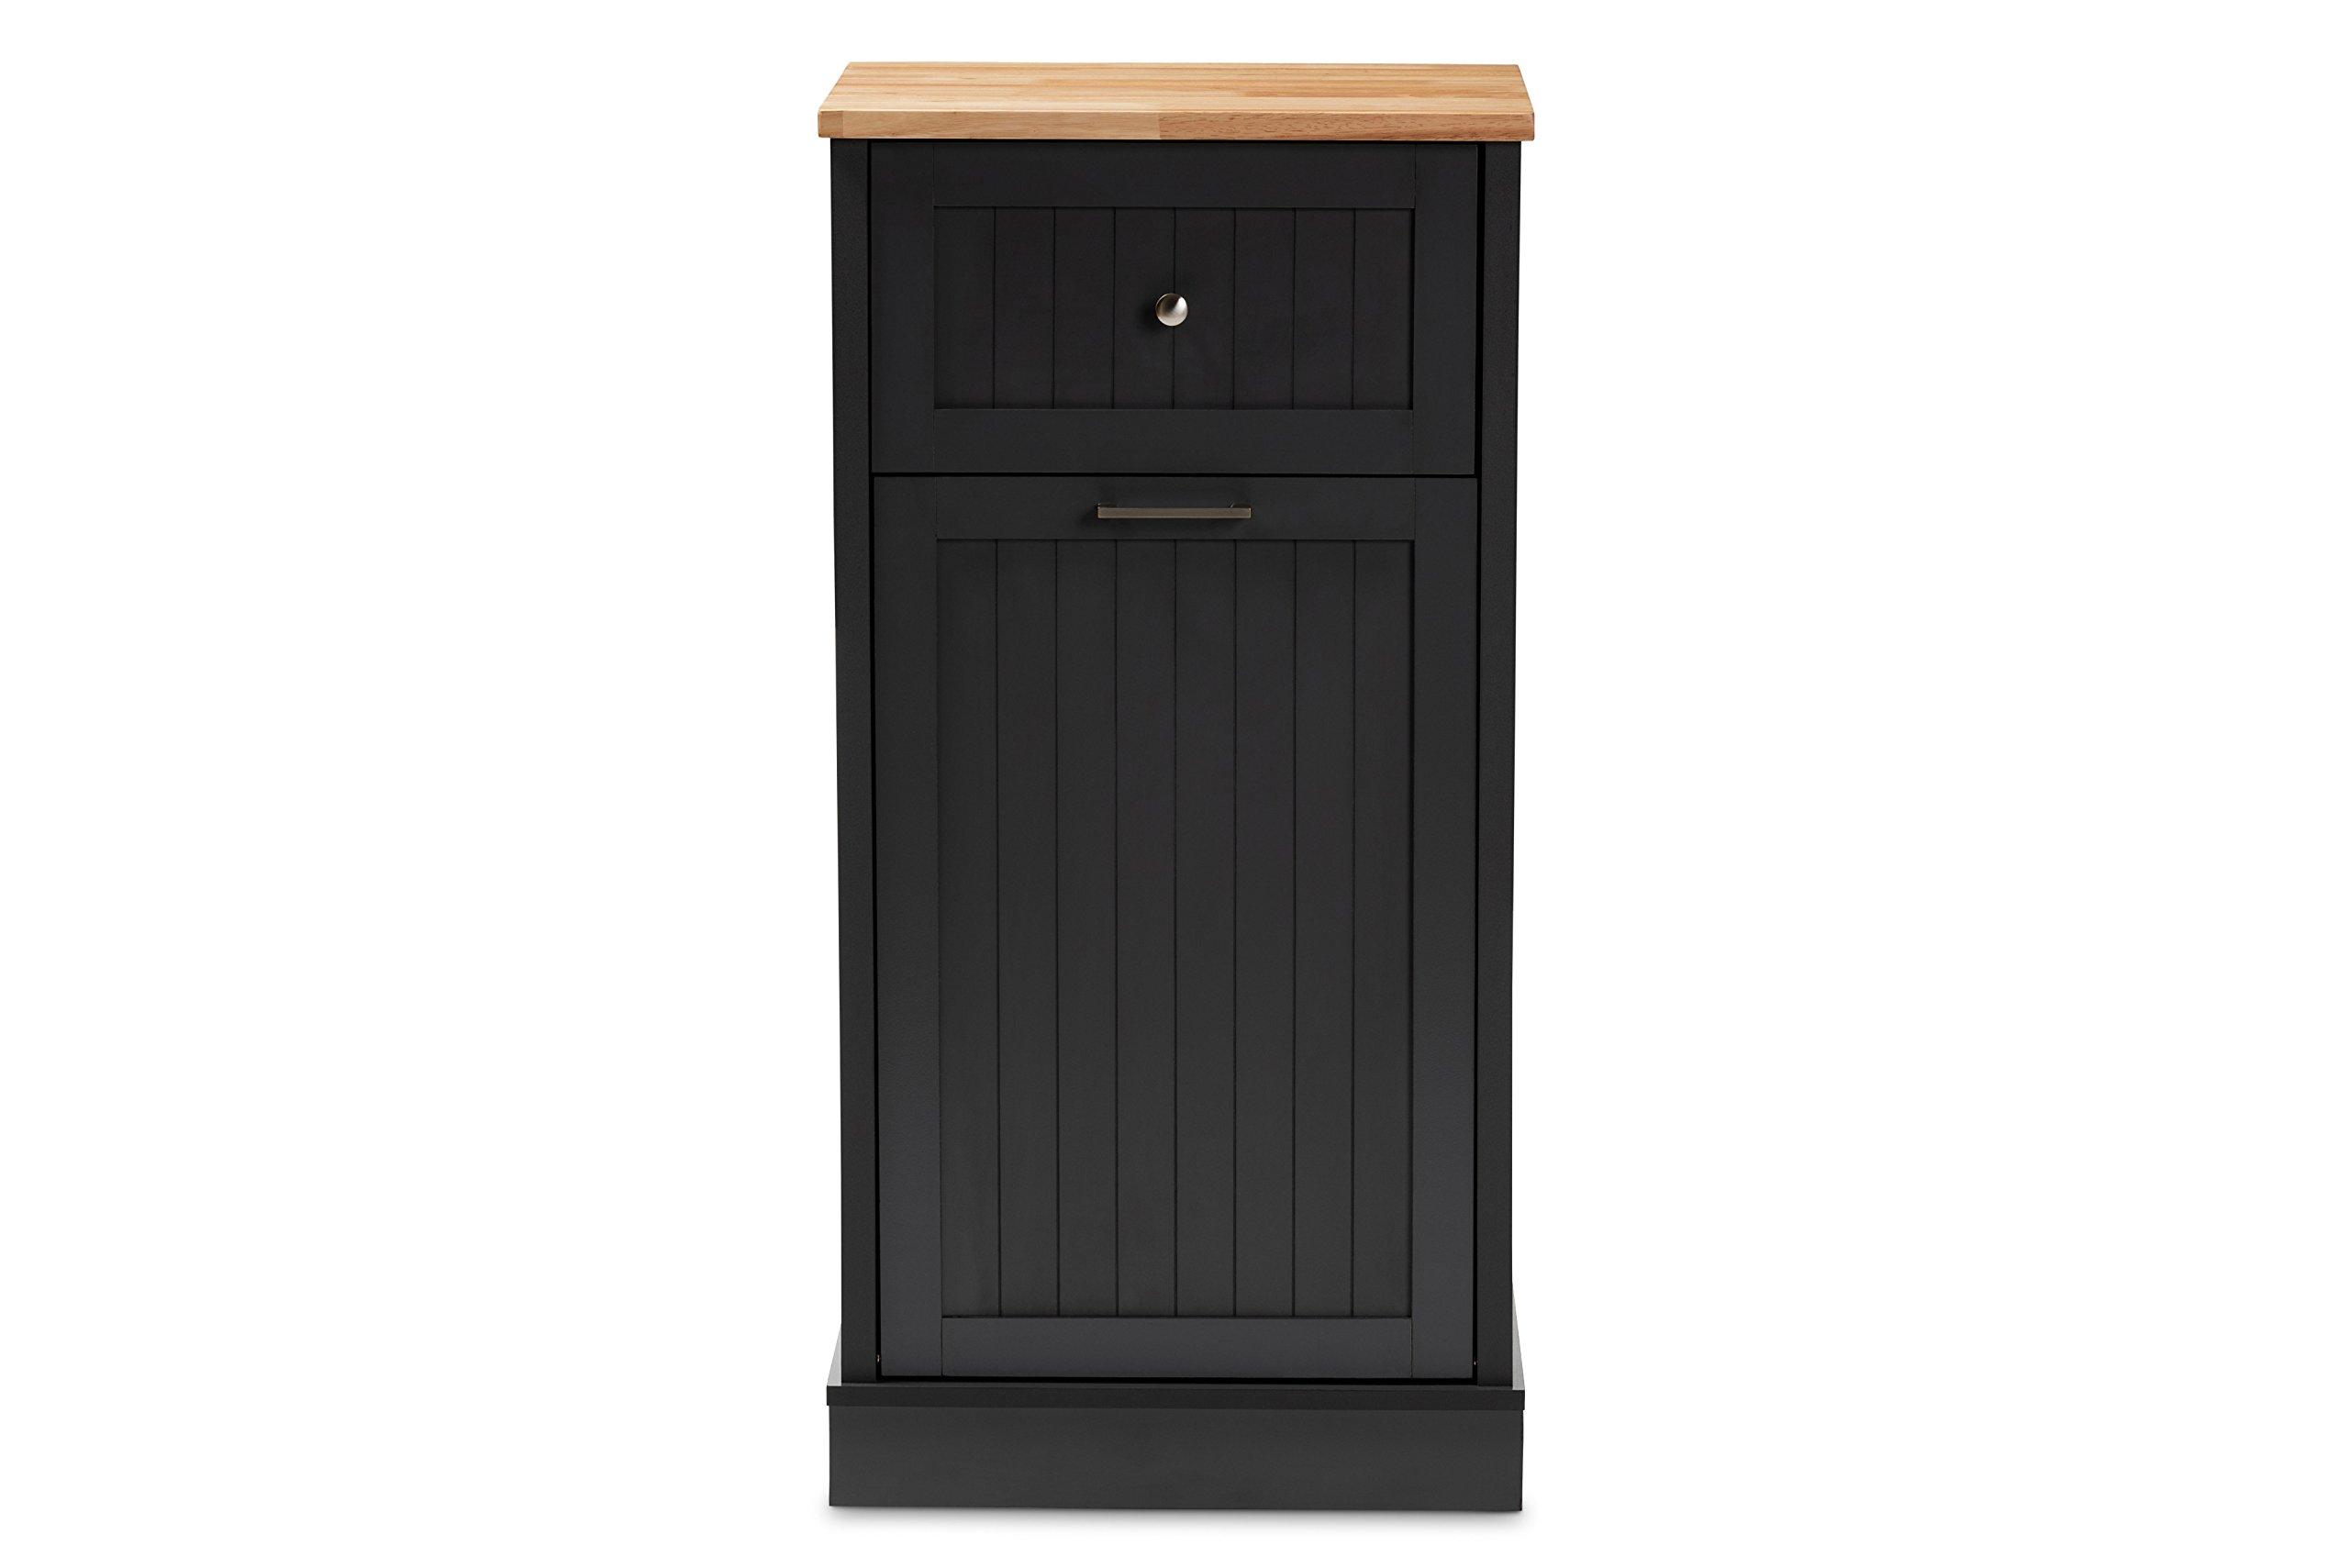 Baxton Studio Monica Kitchen Cabinet, Dark Grey/Oak Brown